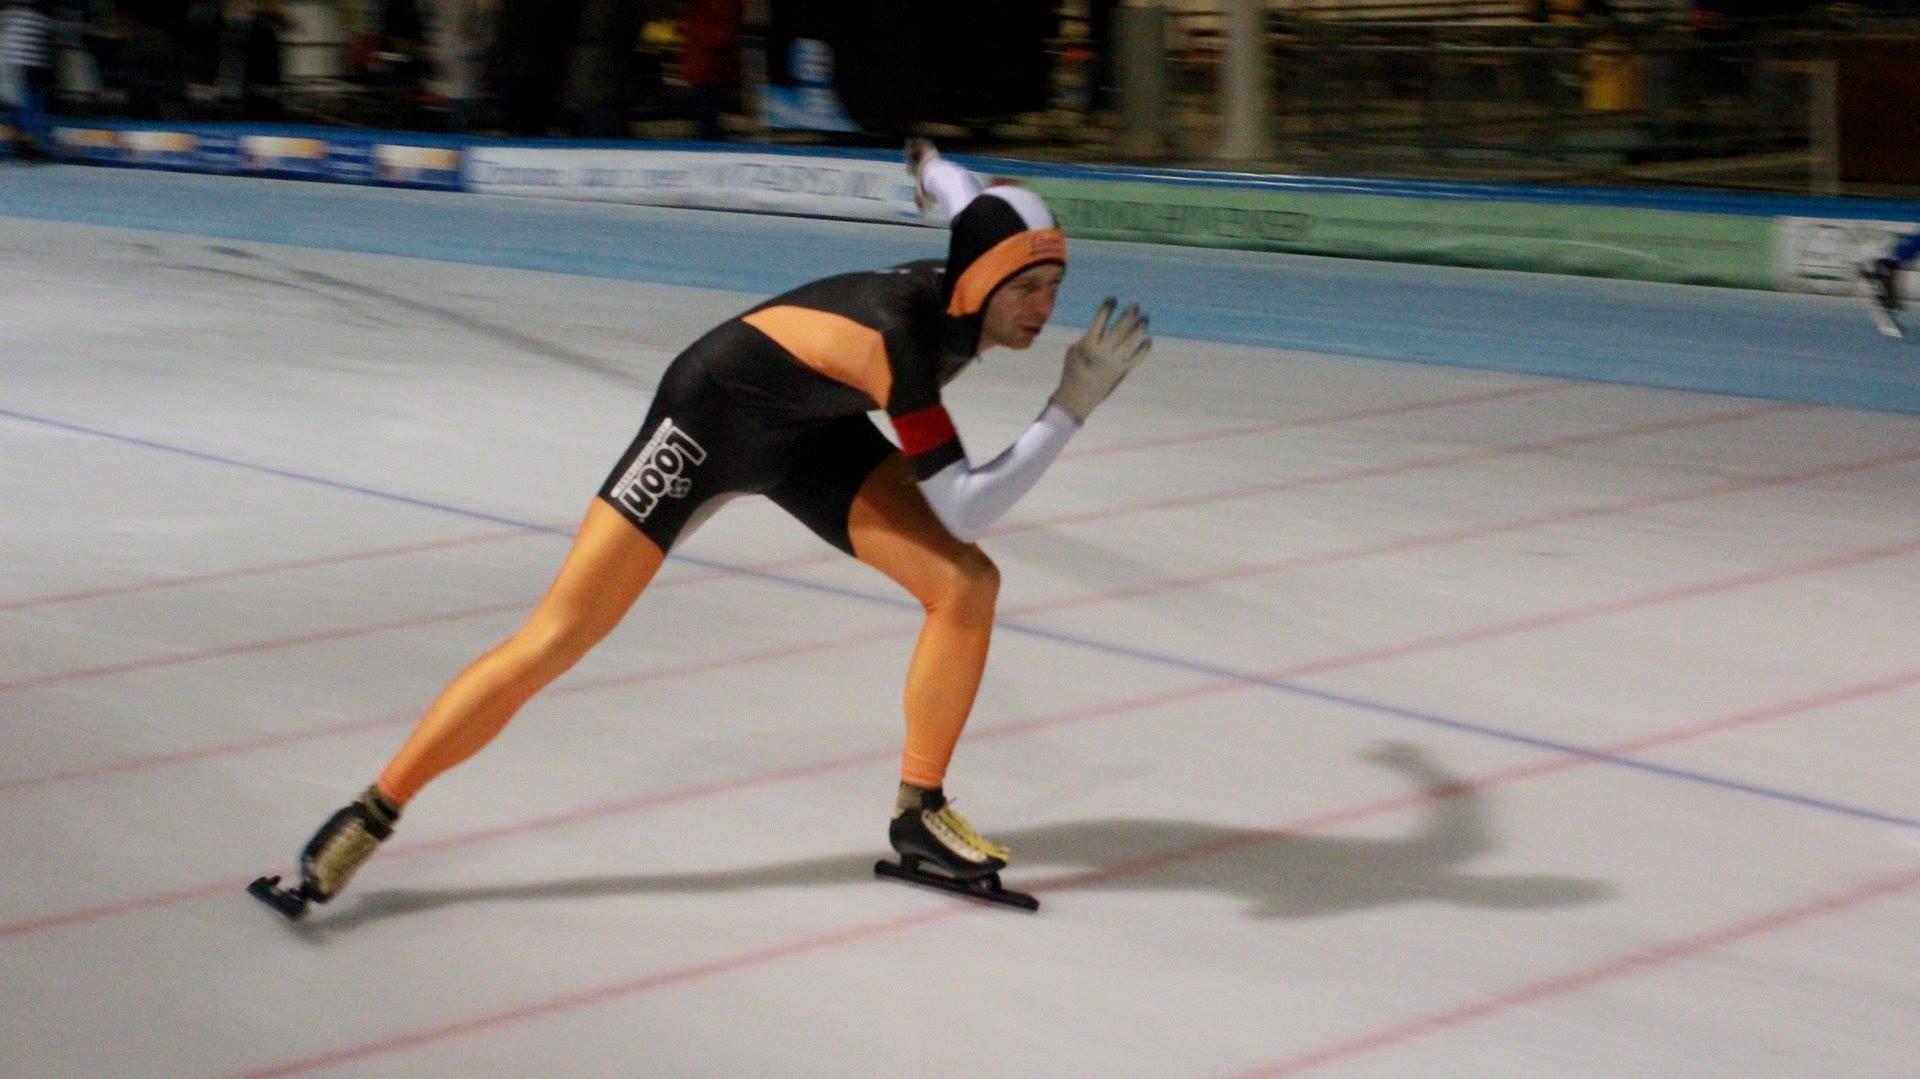 Martijn Goedhart